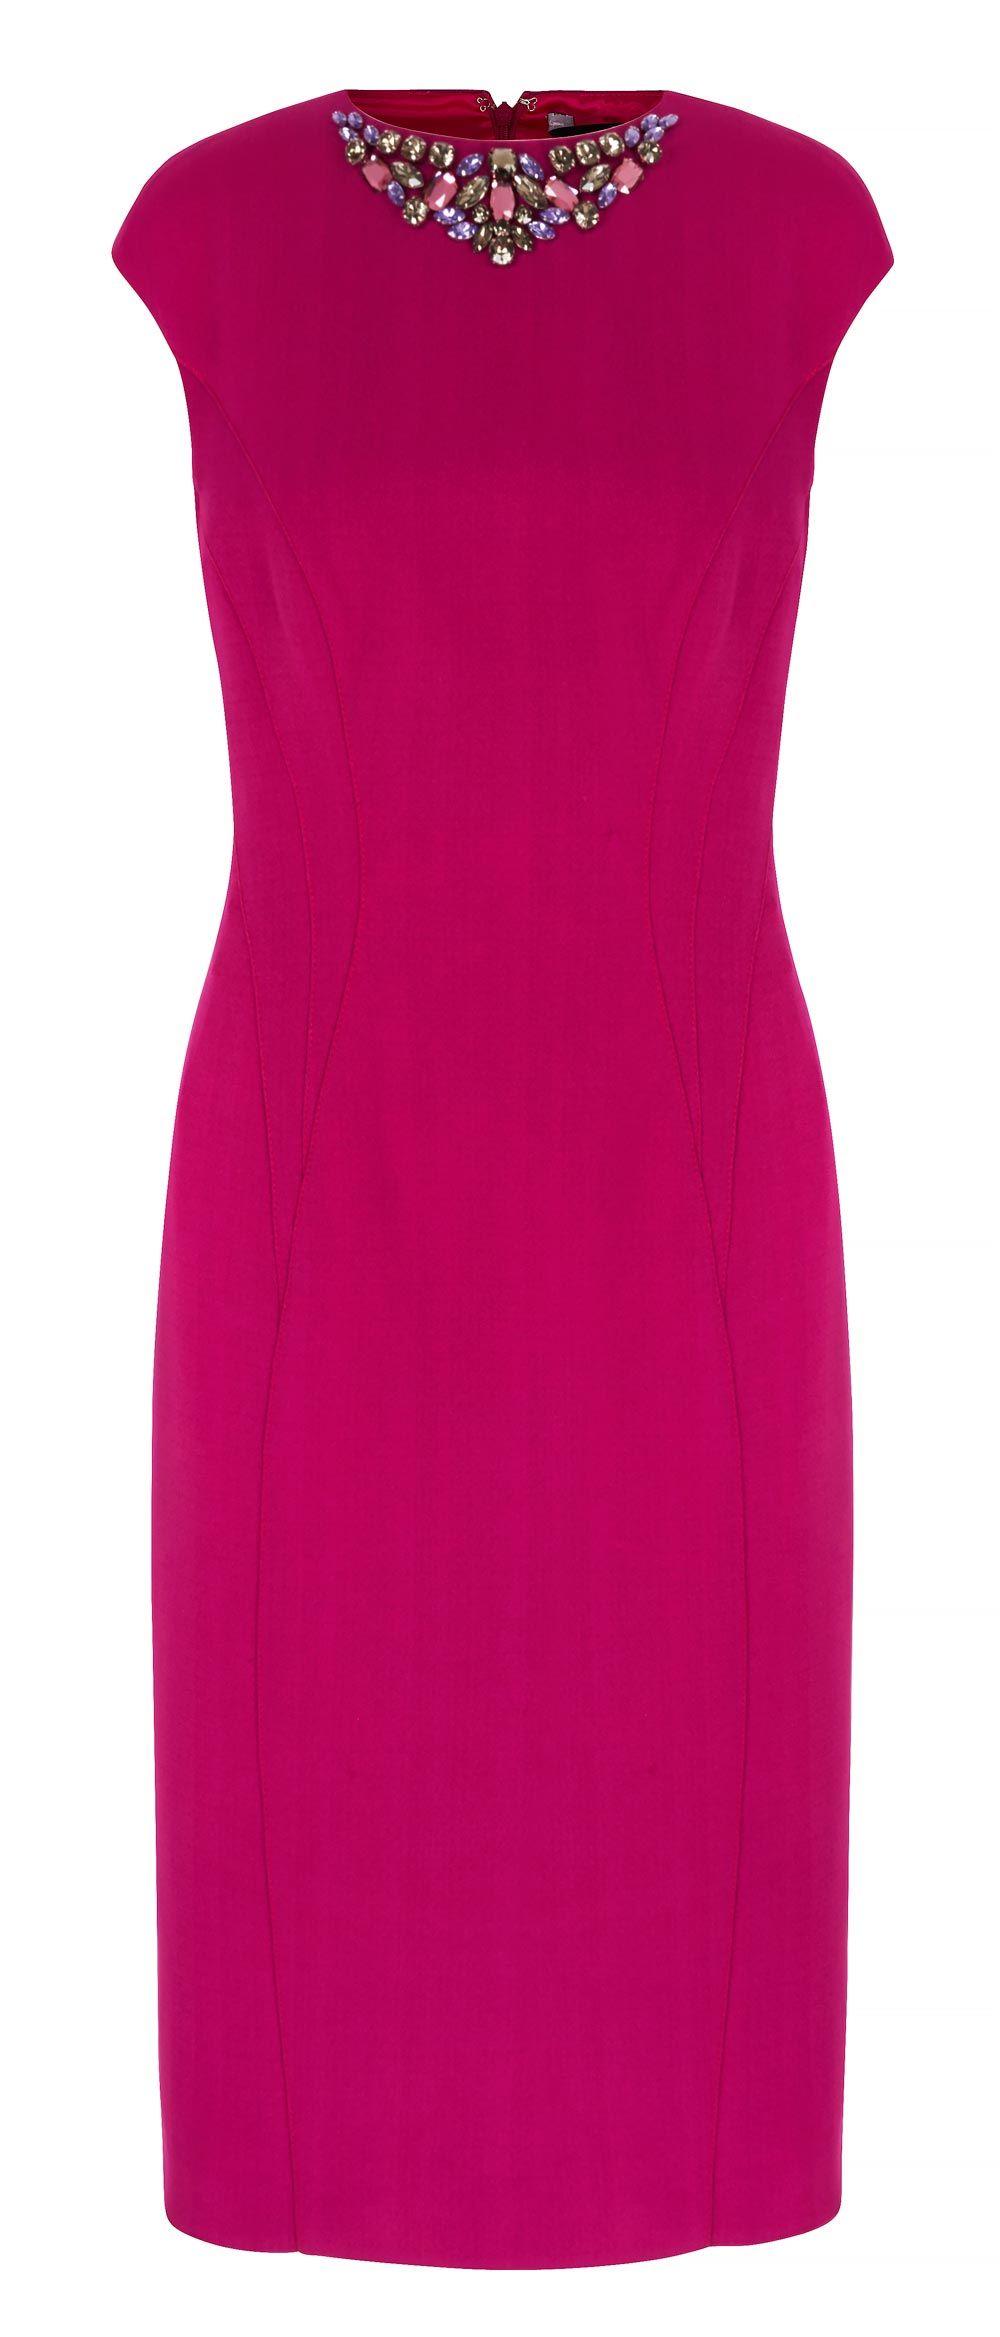 Bright pink dress for wedding guest   Summer Wedding Guest Dresses Our Top Picks  Платья  Pinterest